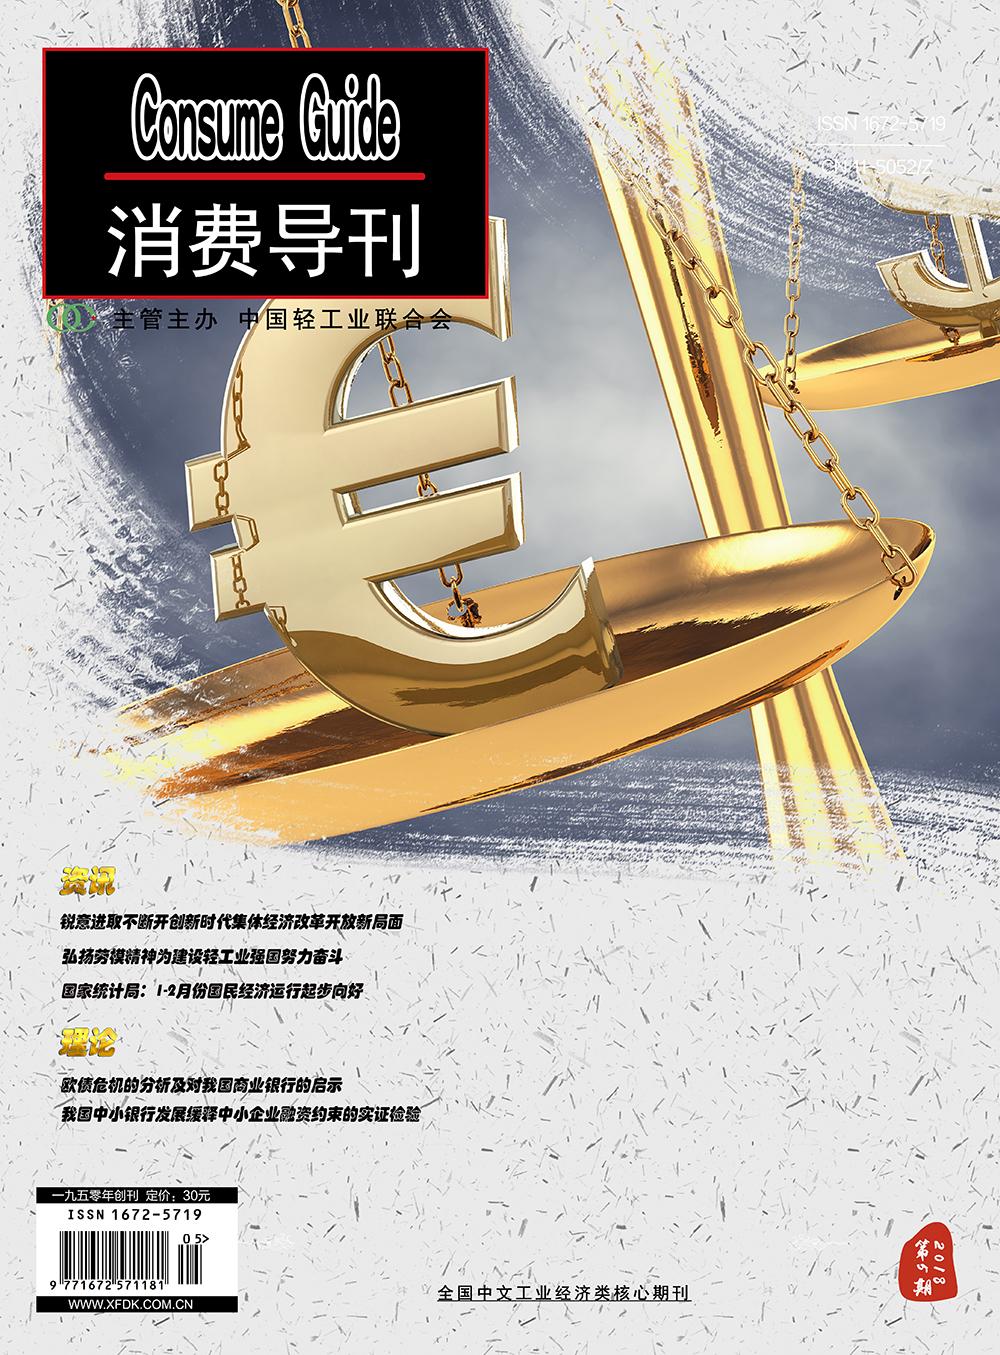 消费导刊2018年第5期